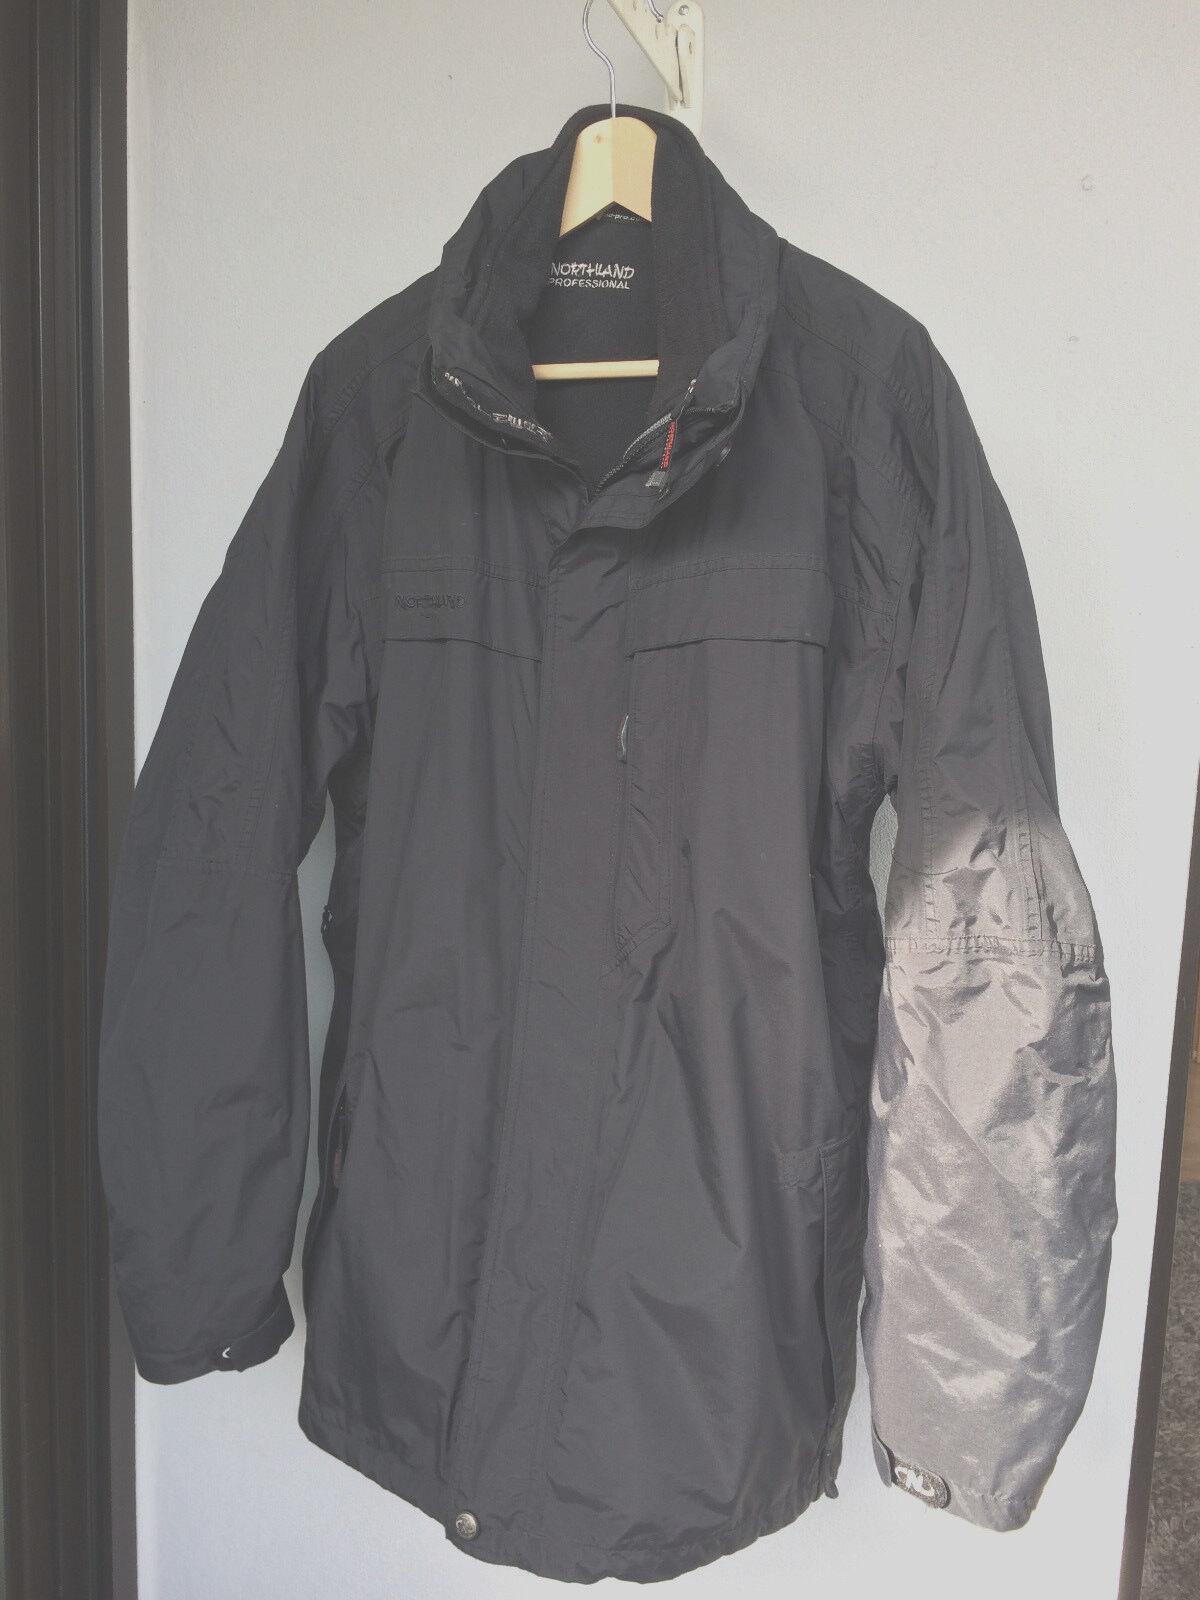 Herren Outdoorjacke v.Northland Proffessionals XXXL schwarz getragen getragen getragen fc83ce